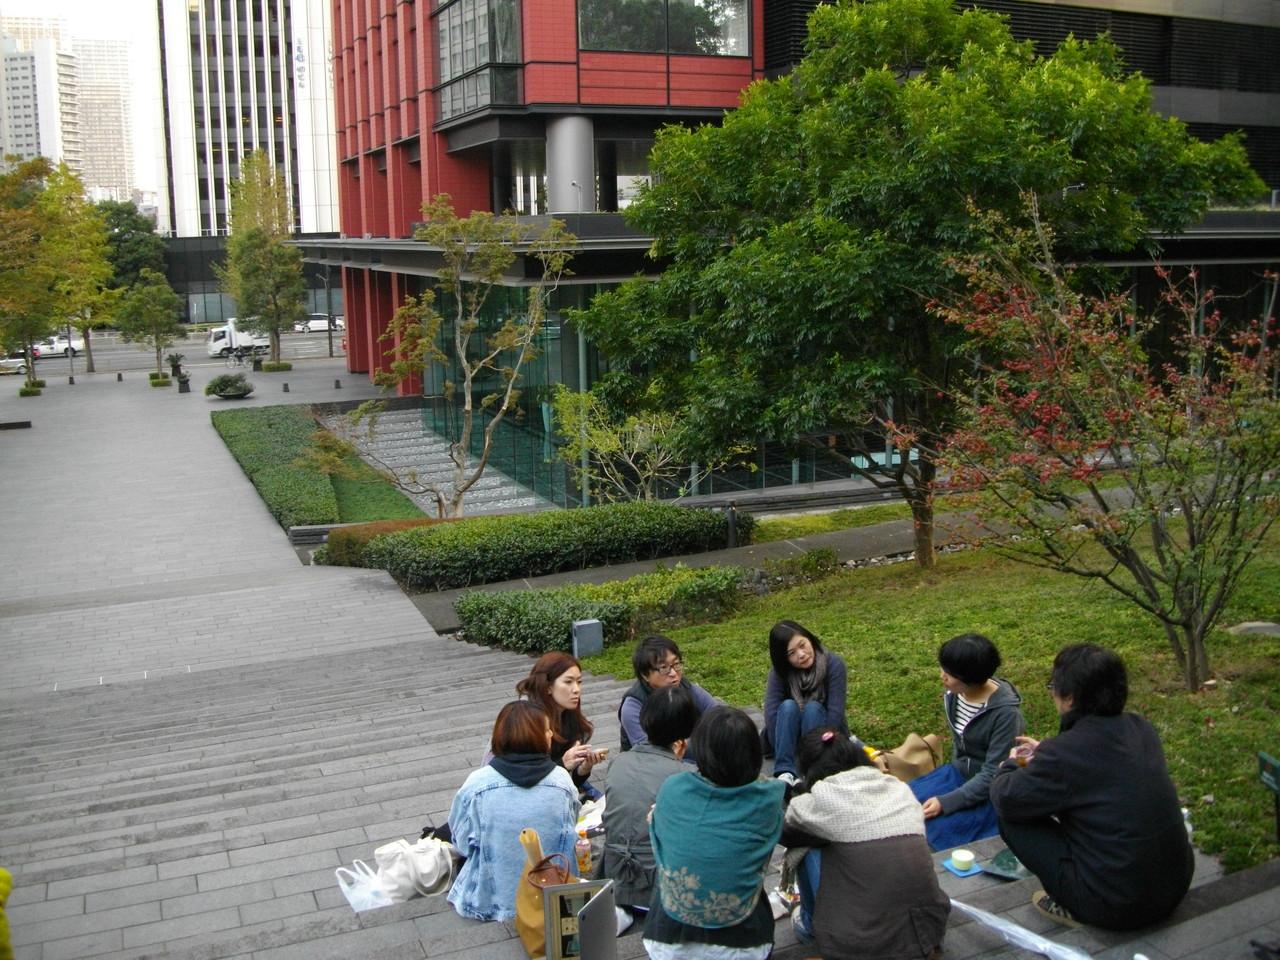 住友不動産三田ツインビル西館 公開空地。本日の最終地点です。